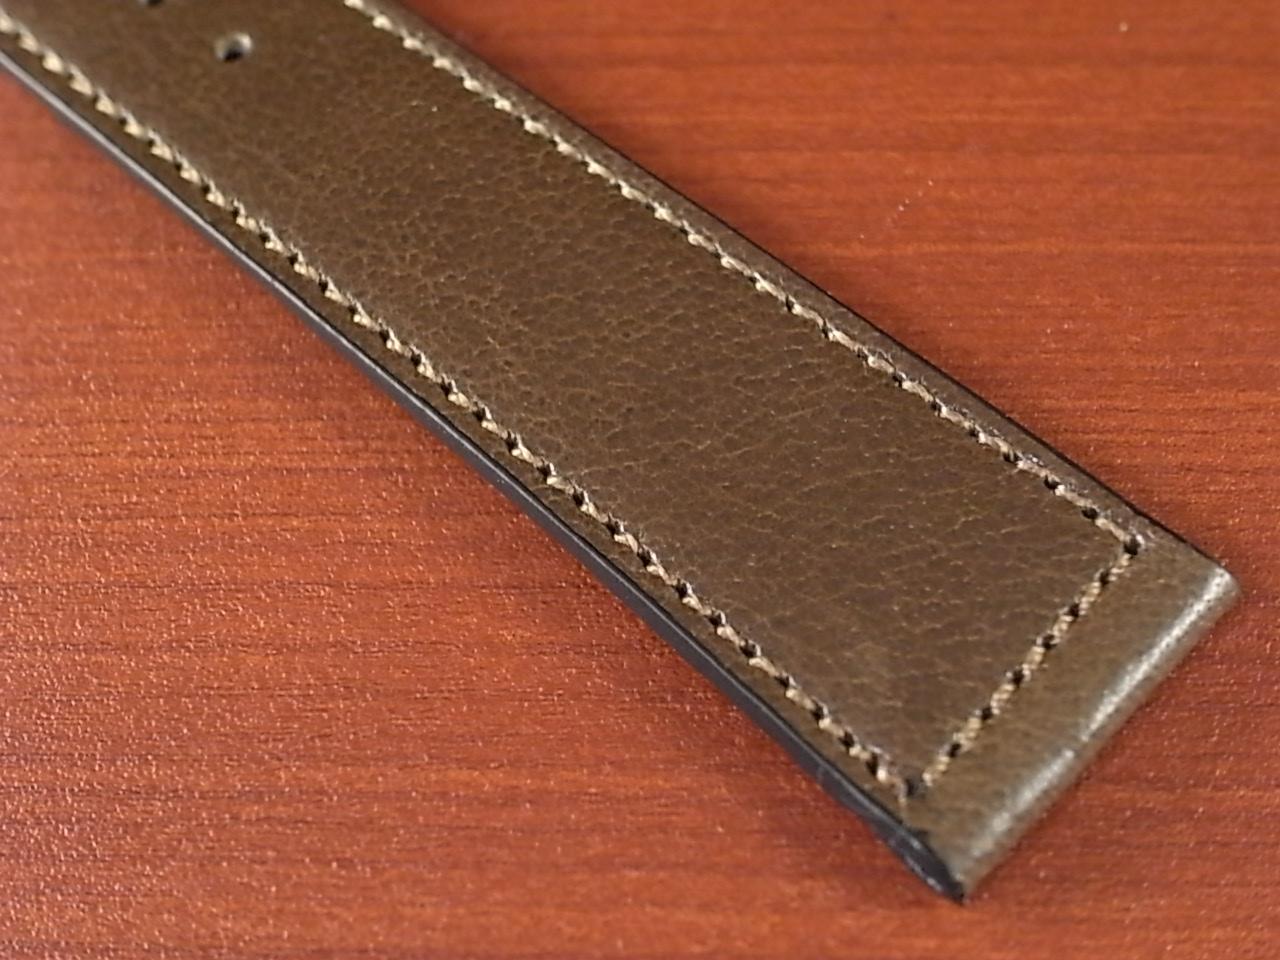 バッファロー 革ベルト グレイッシュブラウン 16mm オリジナル CBB-001aの写真6枚目